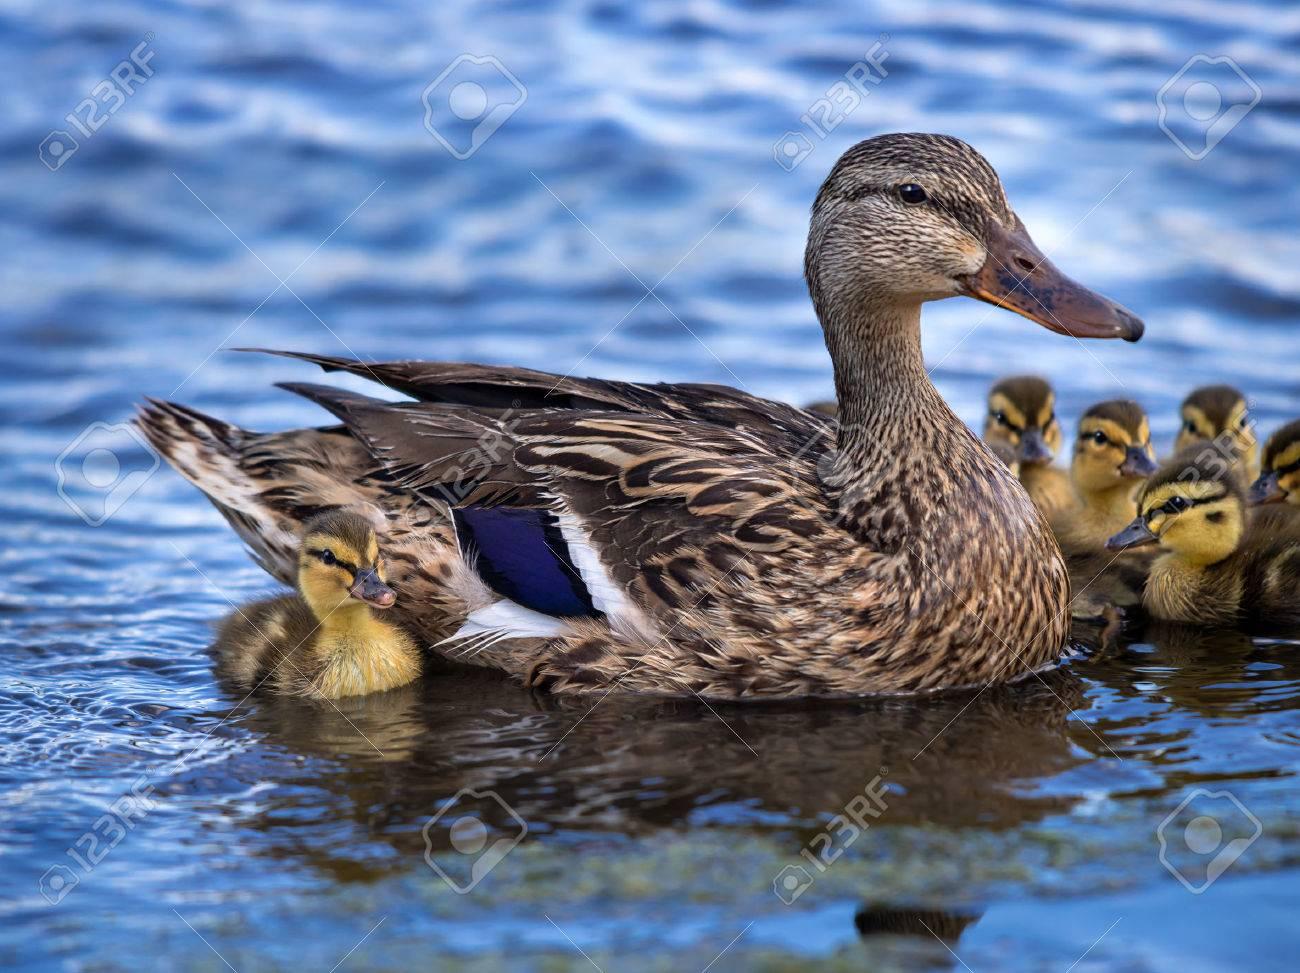 cute newborn mallard anas platyrhynchos duckling swimming in